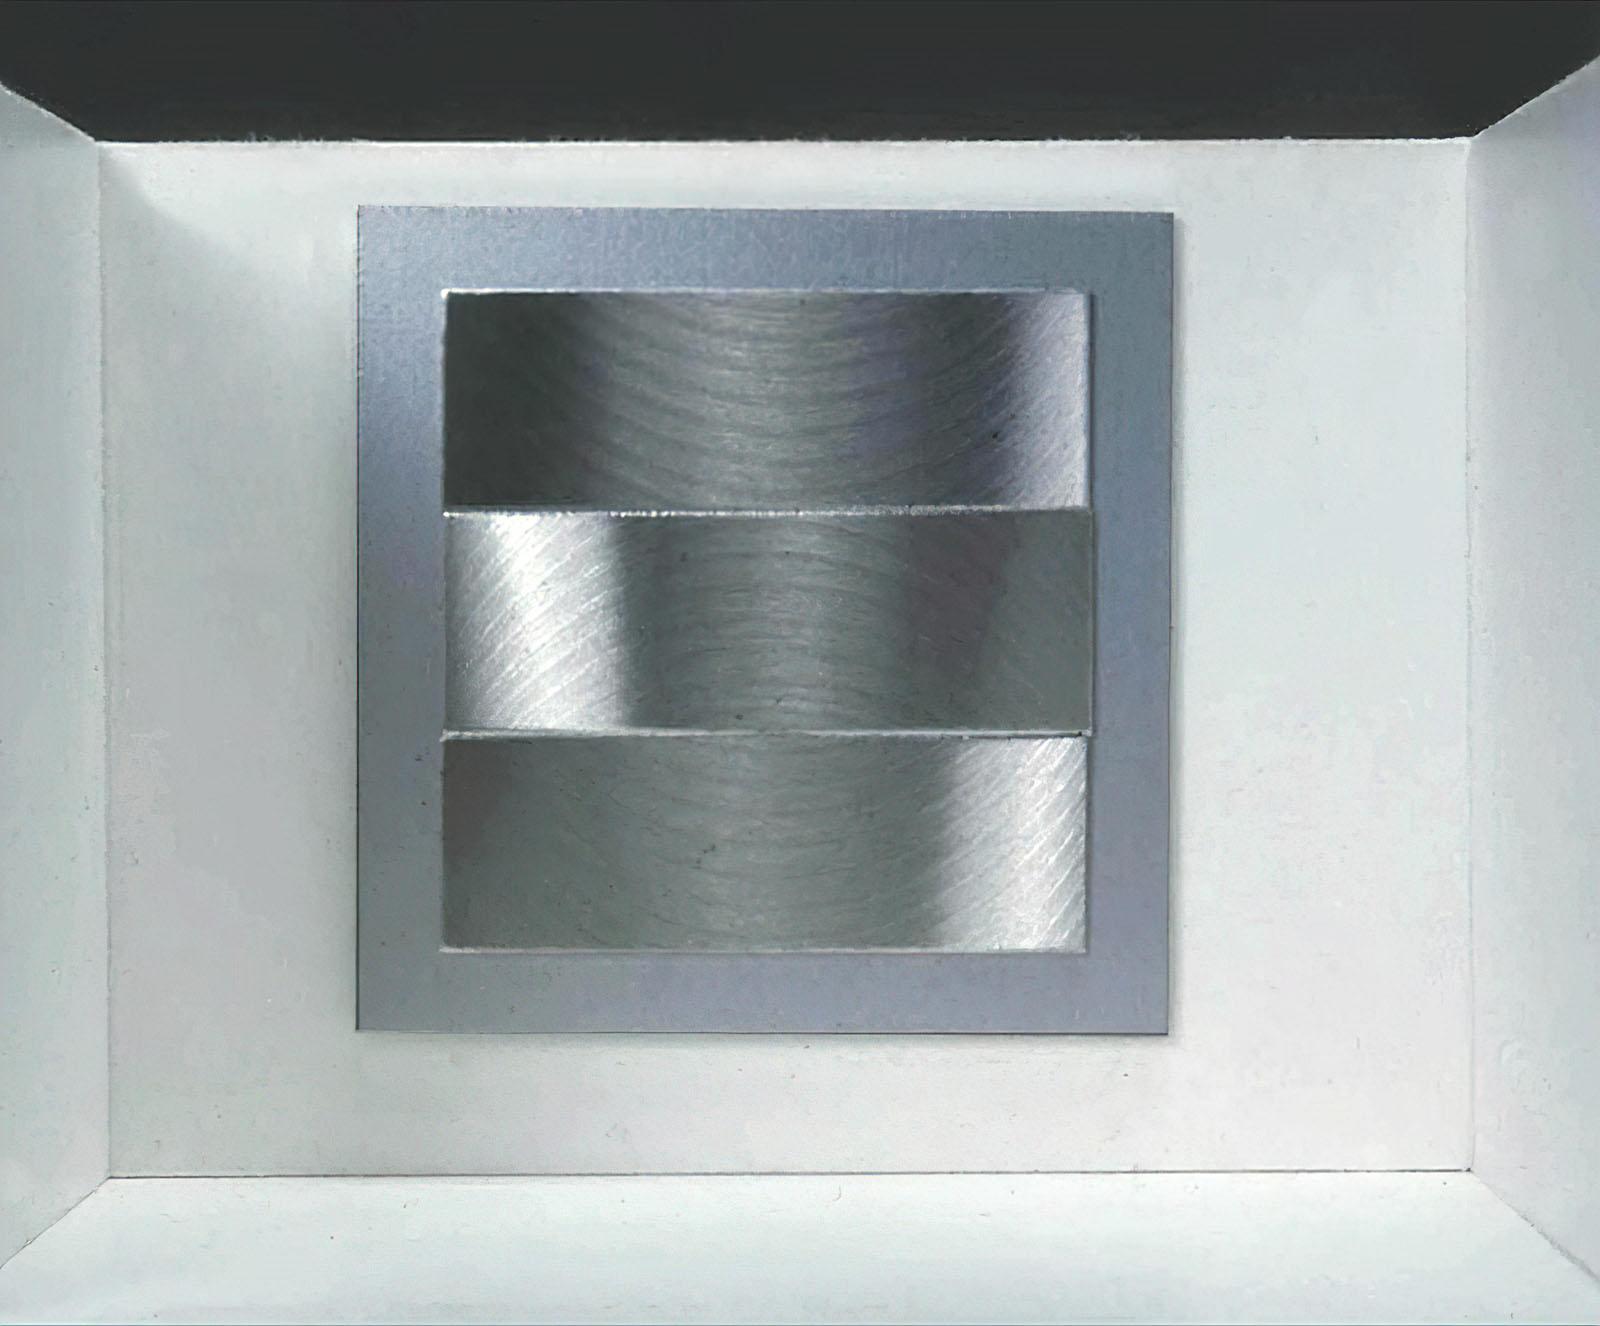 Getulio Alviani - Superficie a testura vibratile,1971 (Reprod.) Cubo + Quadrato = Volume